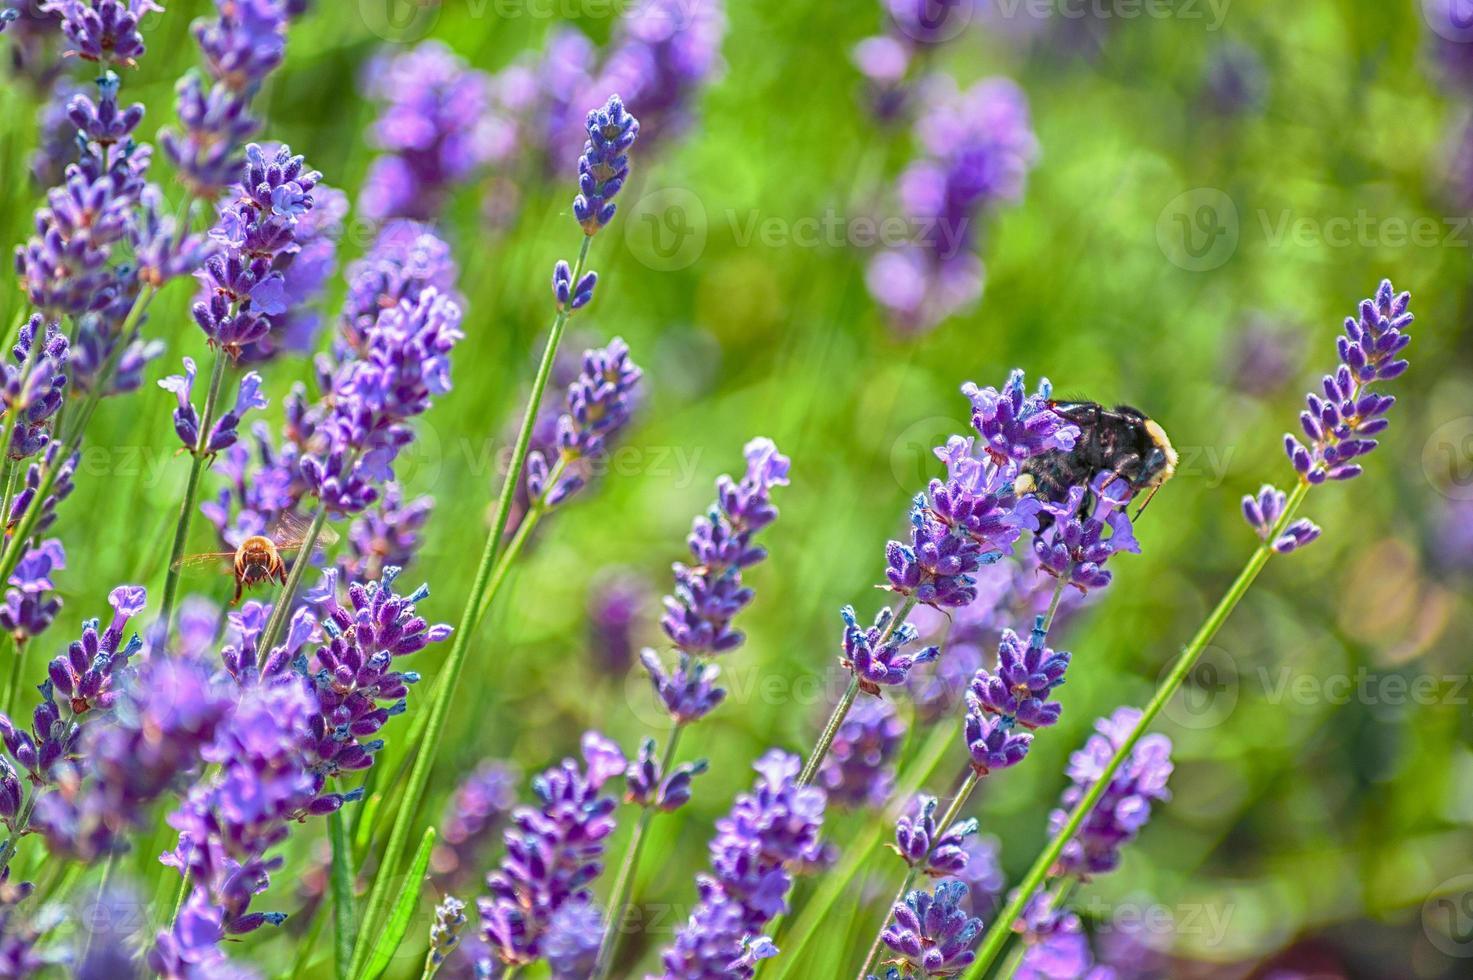 Nahaufnahme von zwei Bienen, die Lavendel bestäuben foto